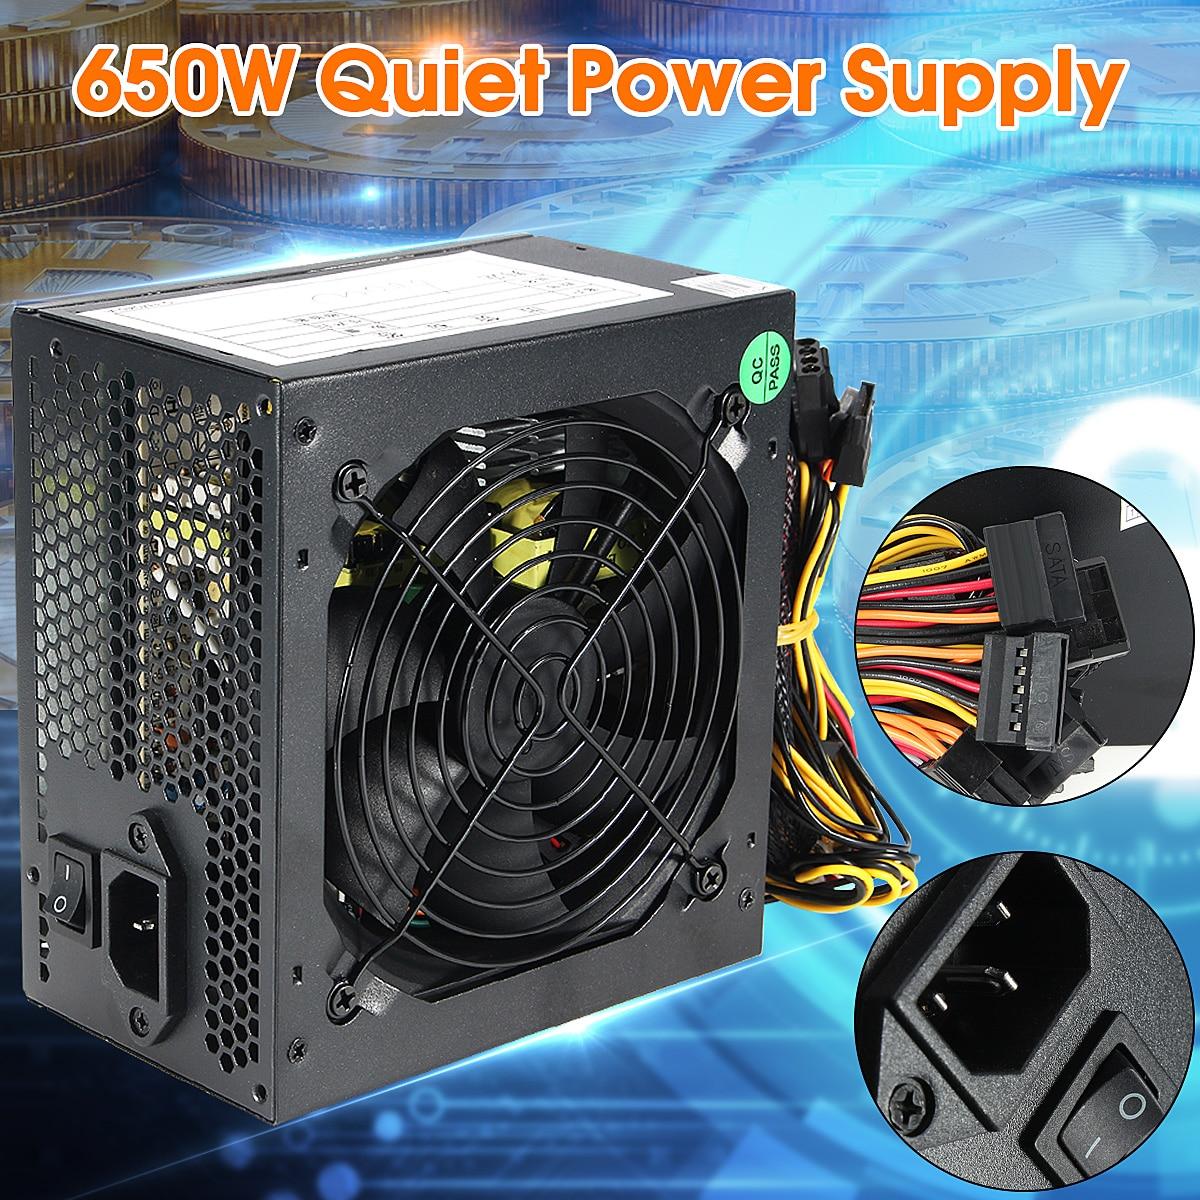 120 W PC PSU fuente de alimentación negro Gaming silencioso 600mm ventilador 20/24pin 12 V ATX nueva fuente de alimentación de la computadora para BTC